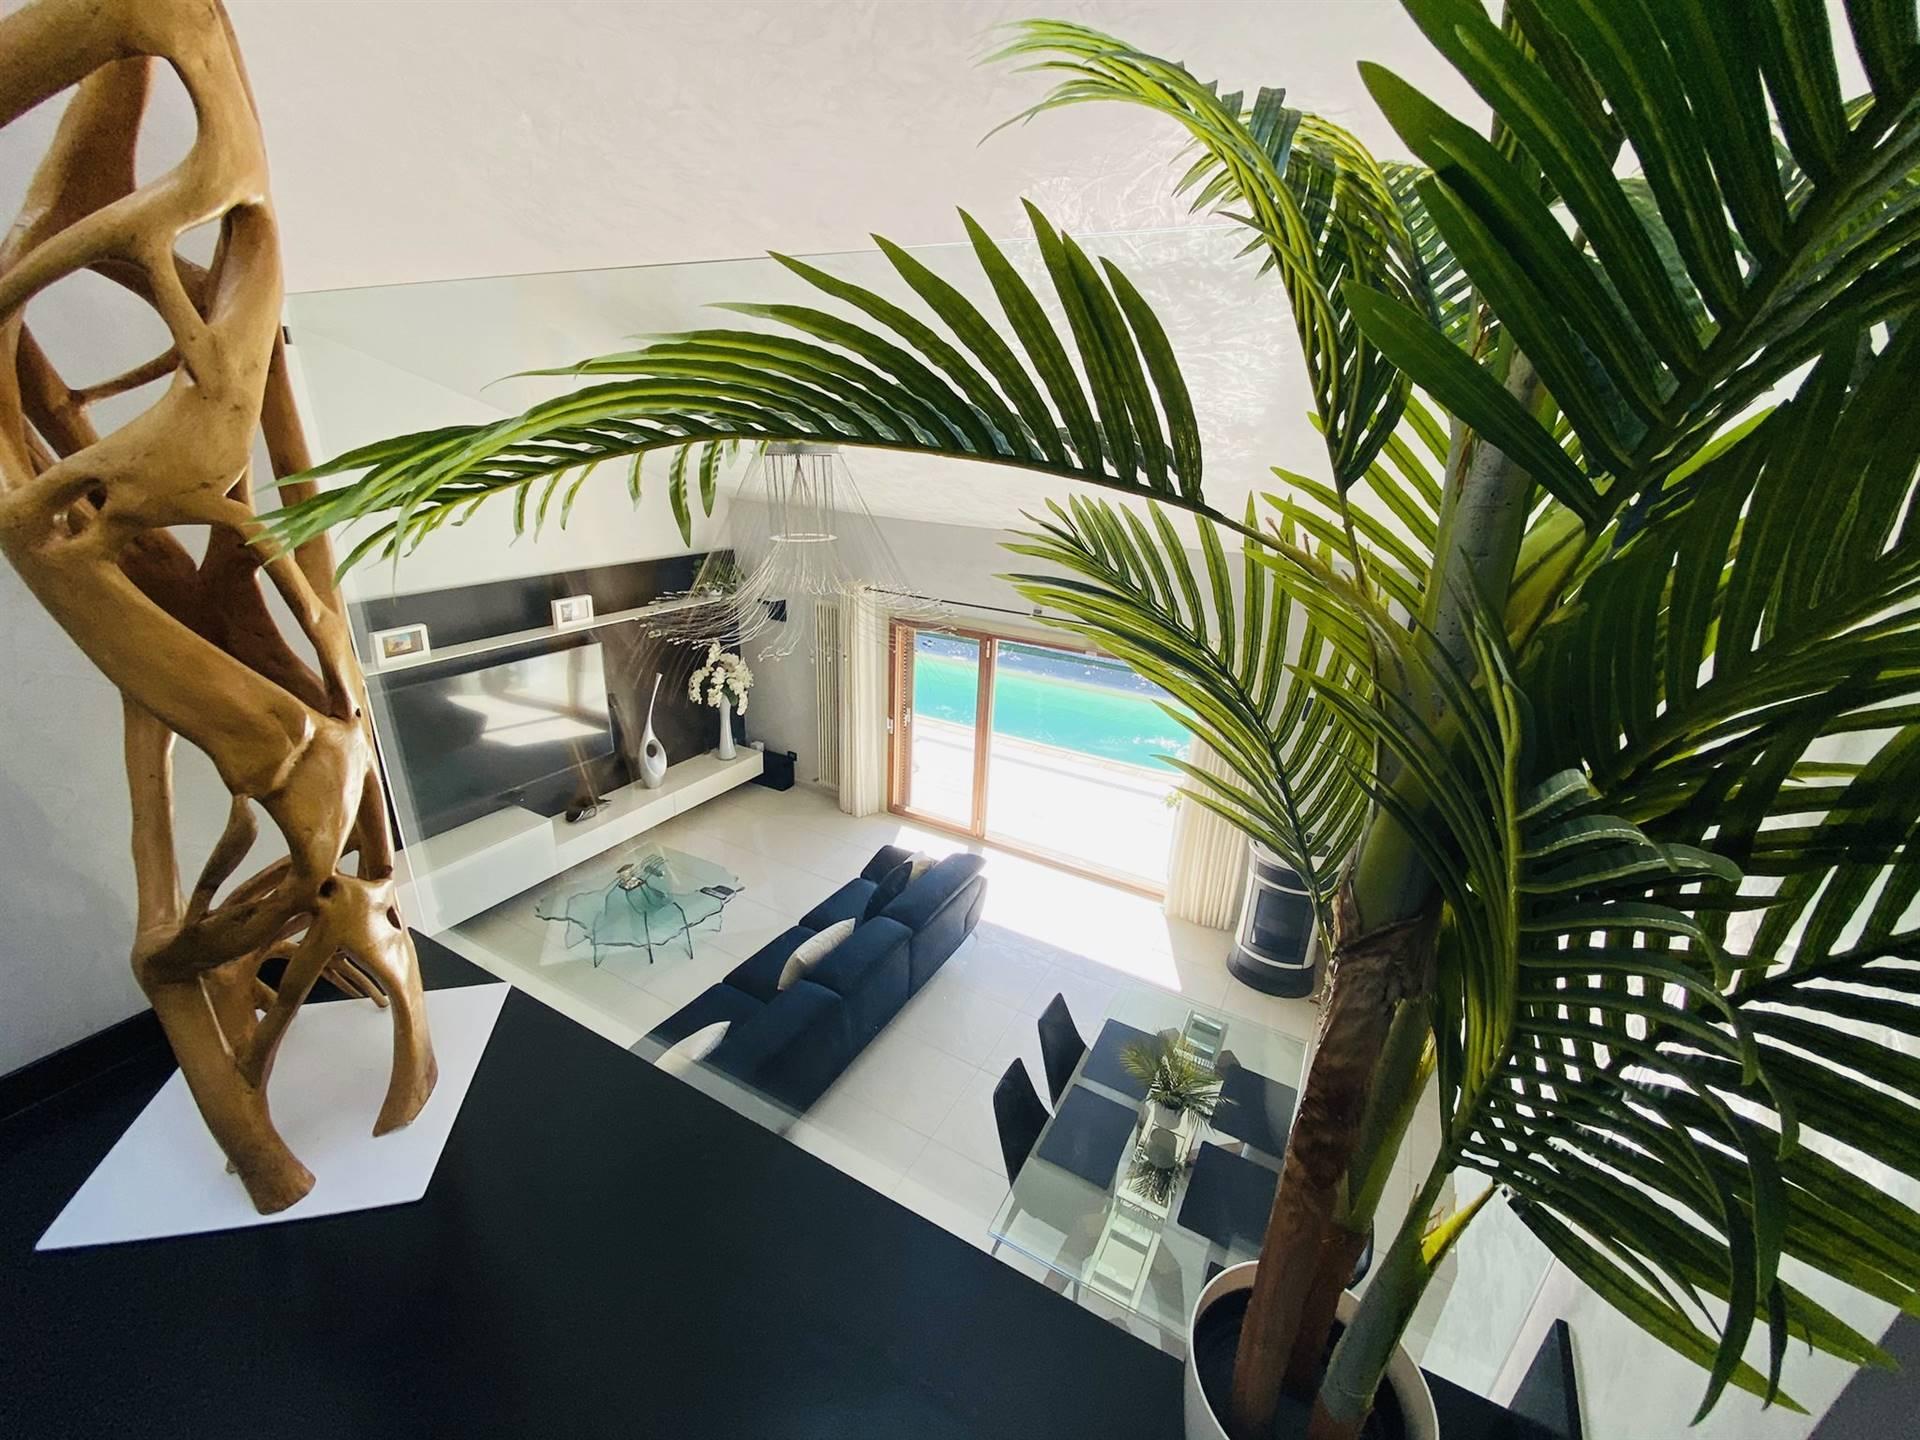 RIFERIMENTO 2105CDFC: Splendida Villa singola situata in contesto residenziale e comodo sia per raggiungere in soli dieci minuti il mare che il